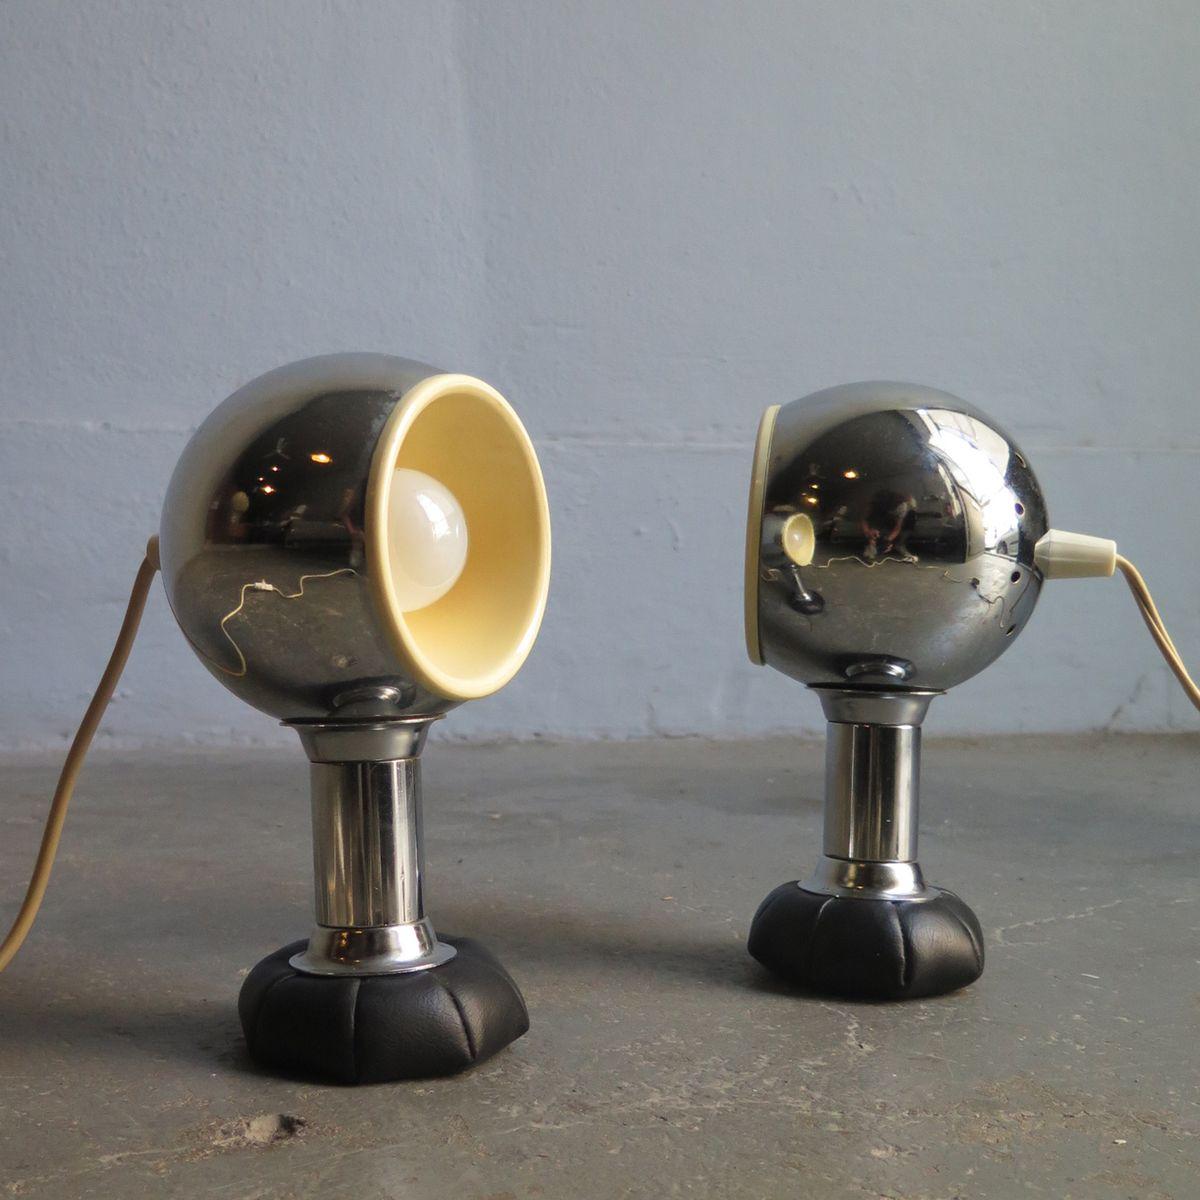 Chrom Tischlampen mit schwarzen Ledersäckchen, 1970er, 2er Set